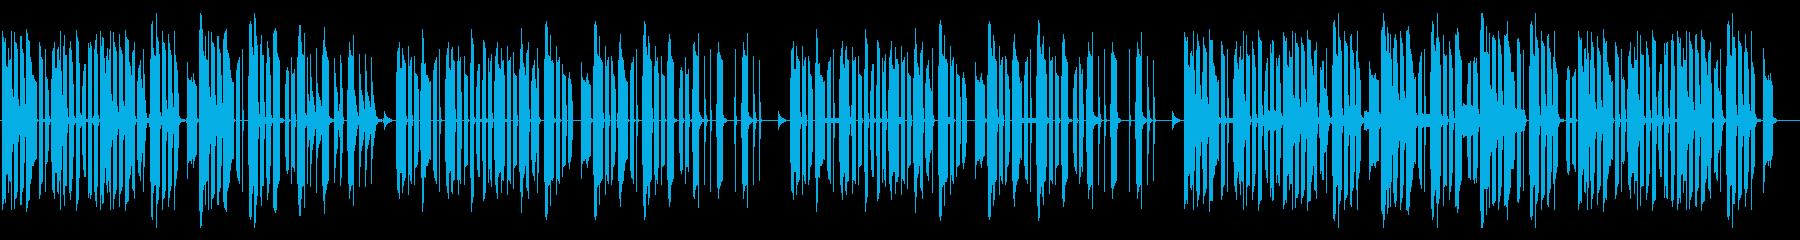 おバカでアホっぽいほのぼの雰囲気 sh の再生済みの波形